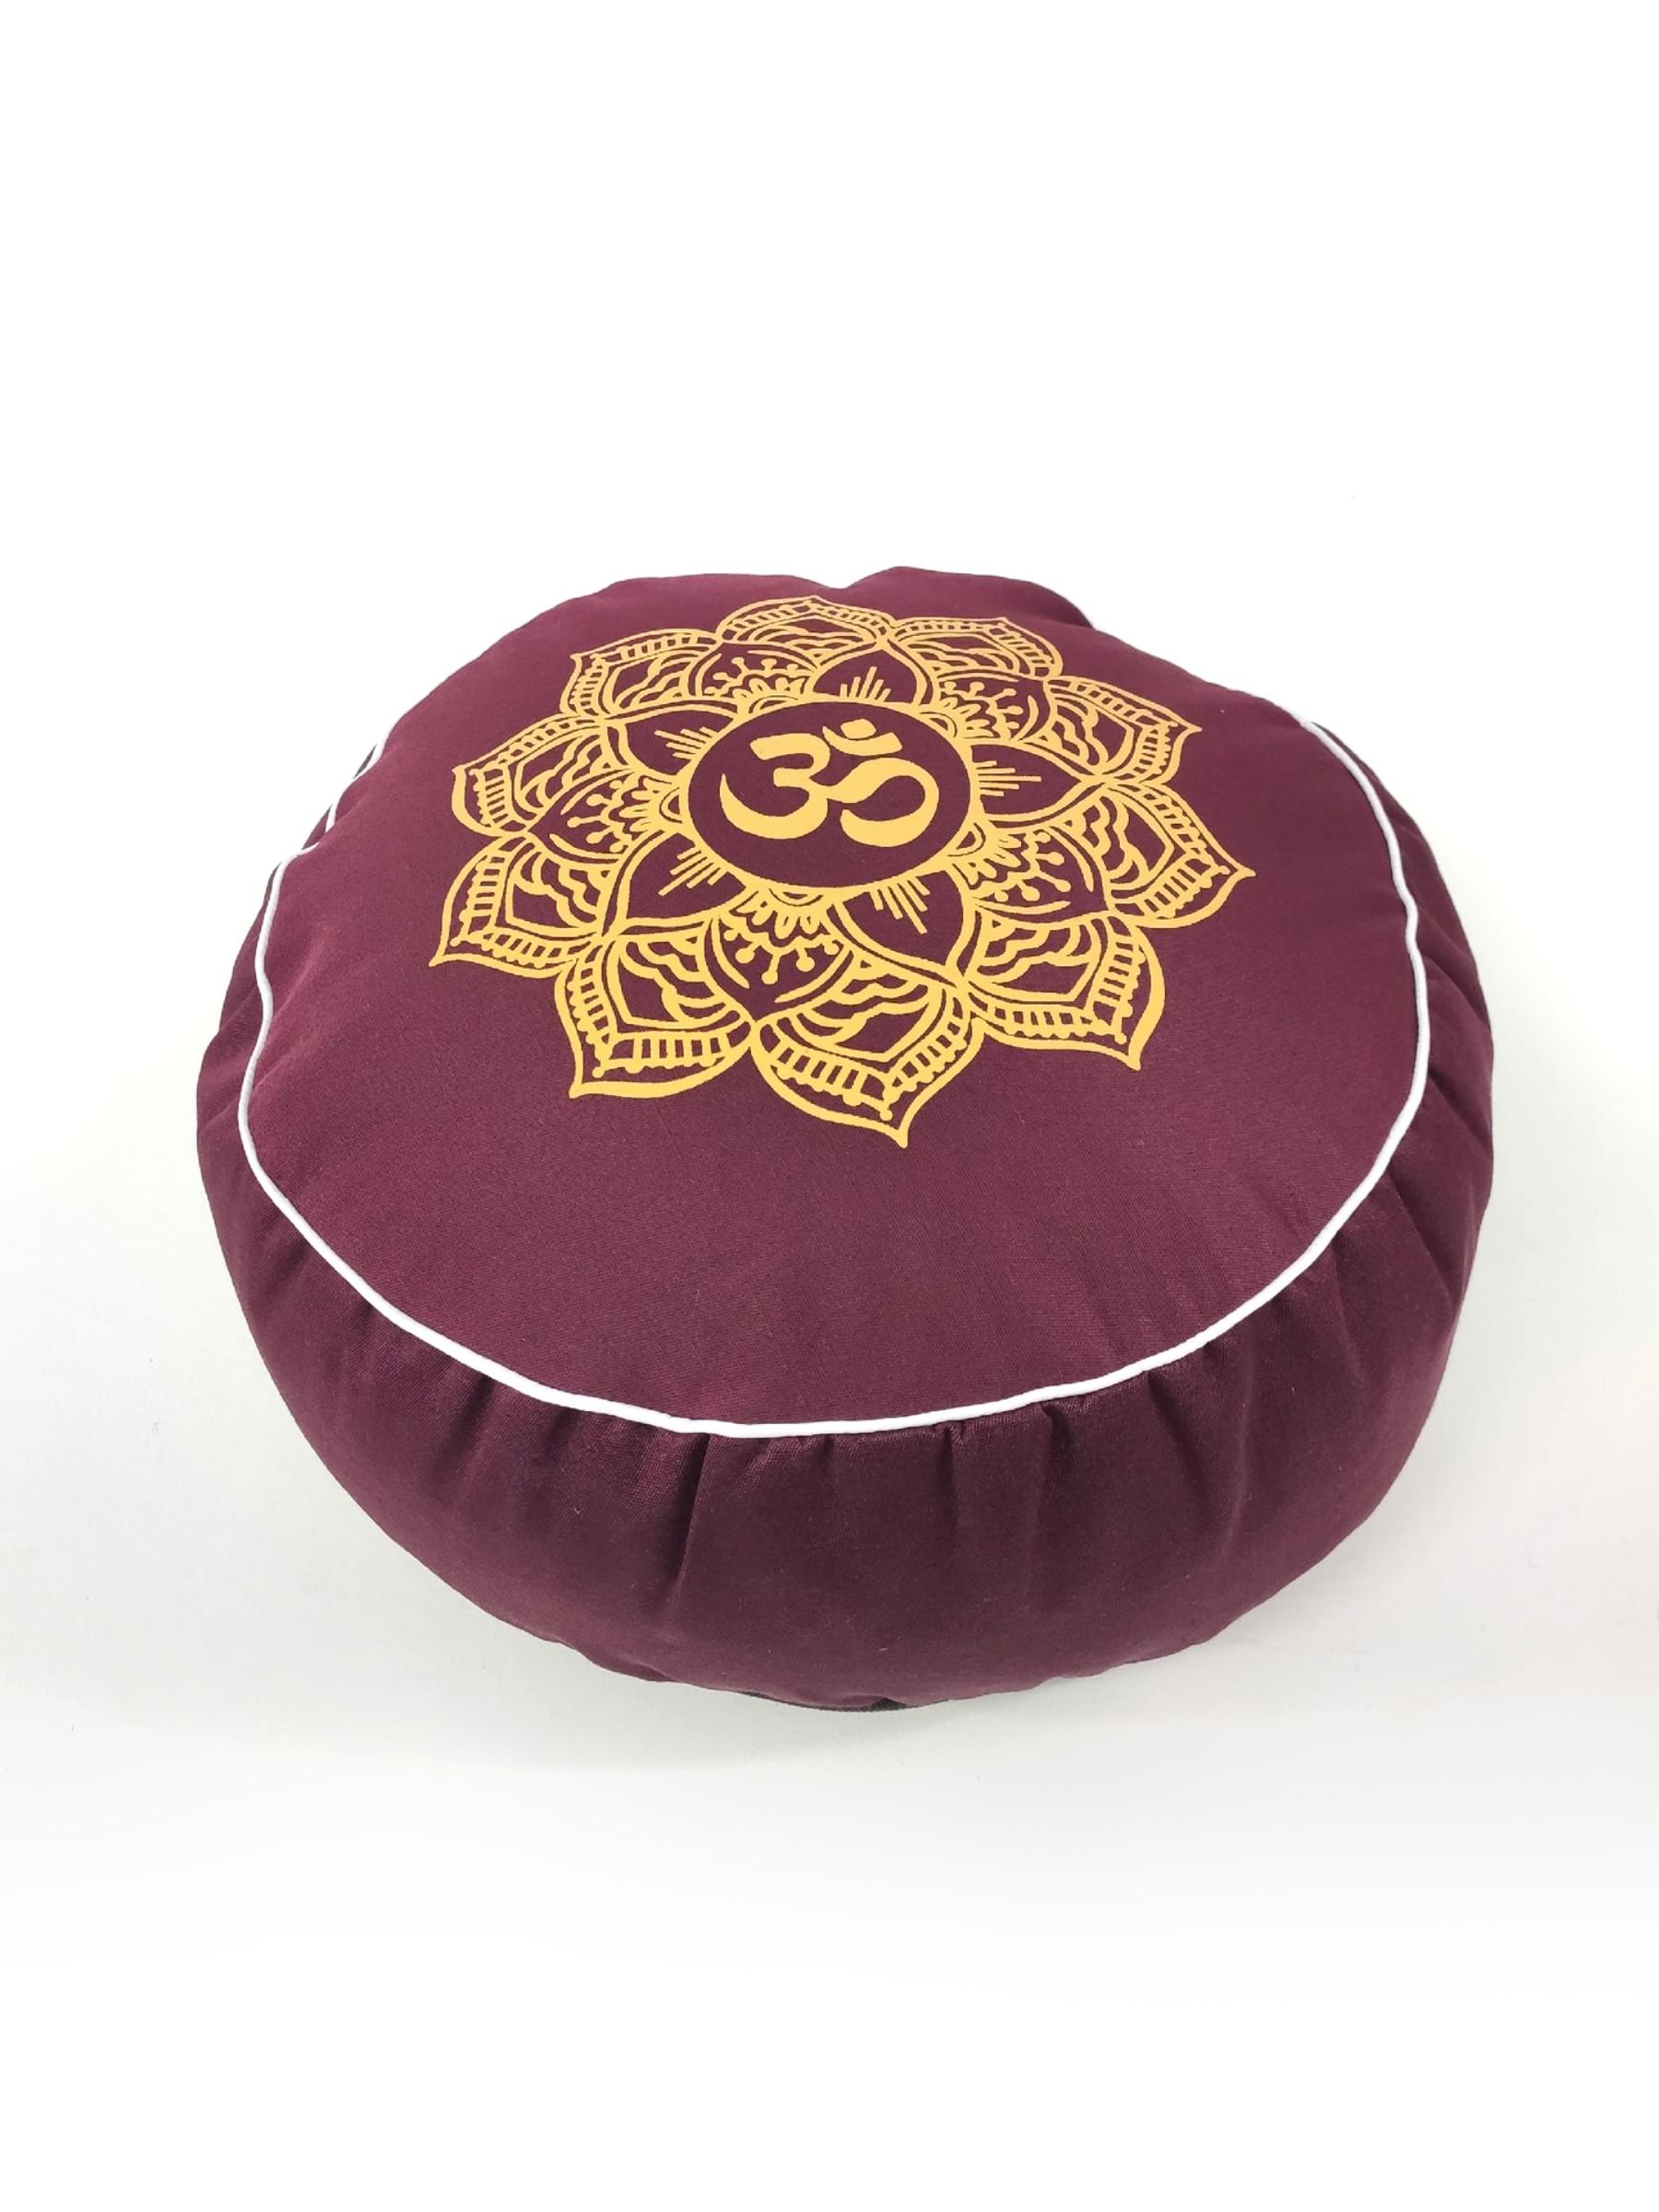 Подушка для медитации Ом Рамайога (2 кг, бордовый) подушка для медитации simple 2 5 кг зеленый